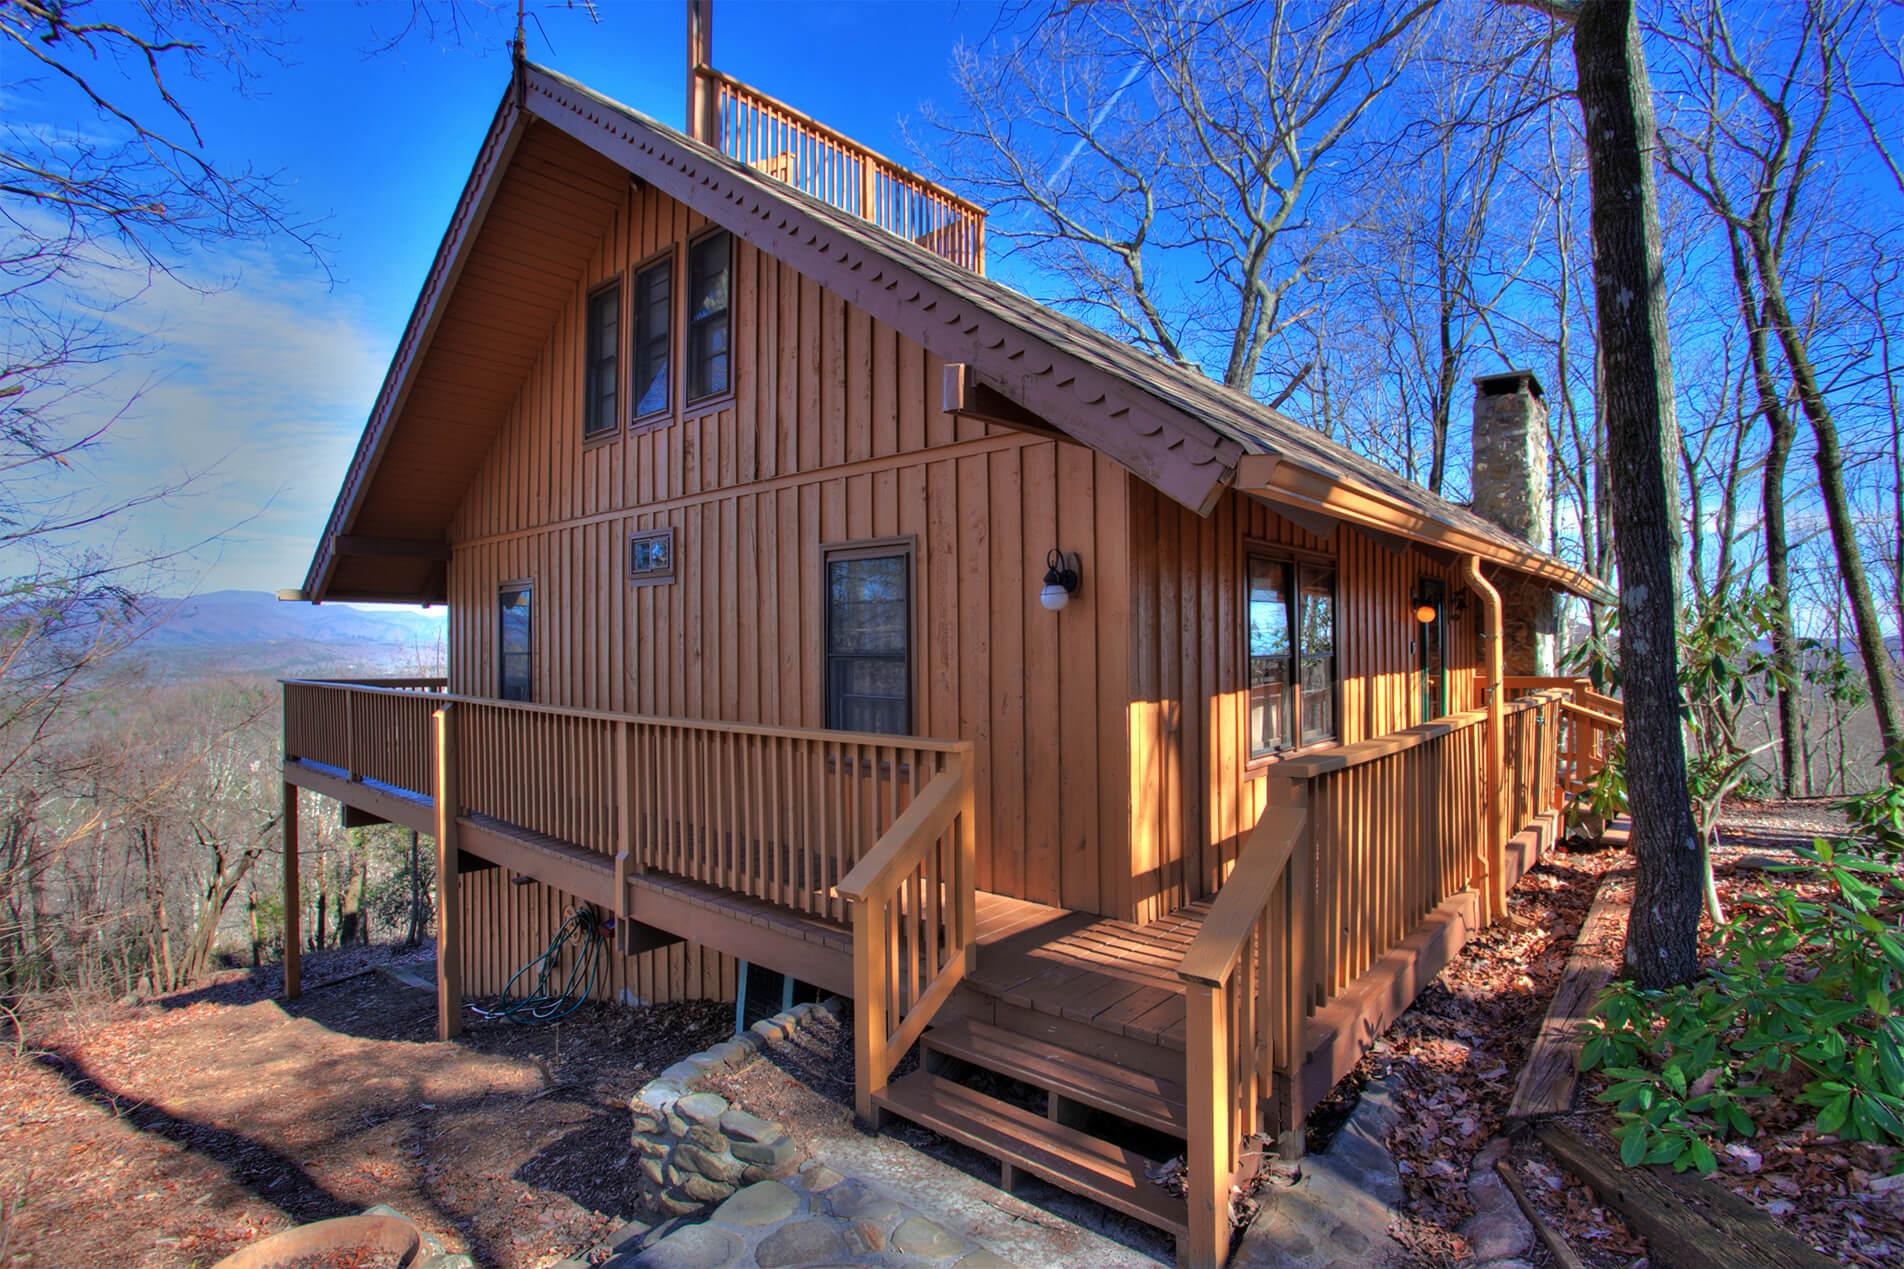 Chalet-in-the-Sky-Cedar-Creek-Cabin-Rentals-Helen-Georgia-top-banner-1